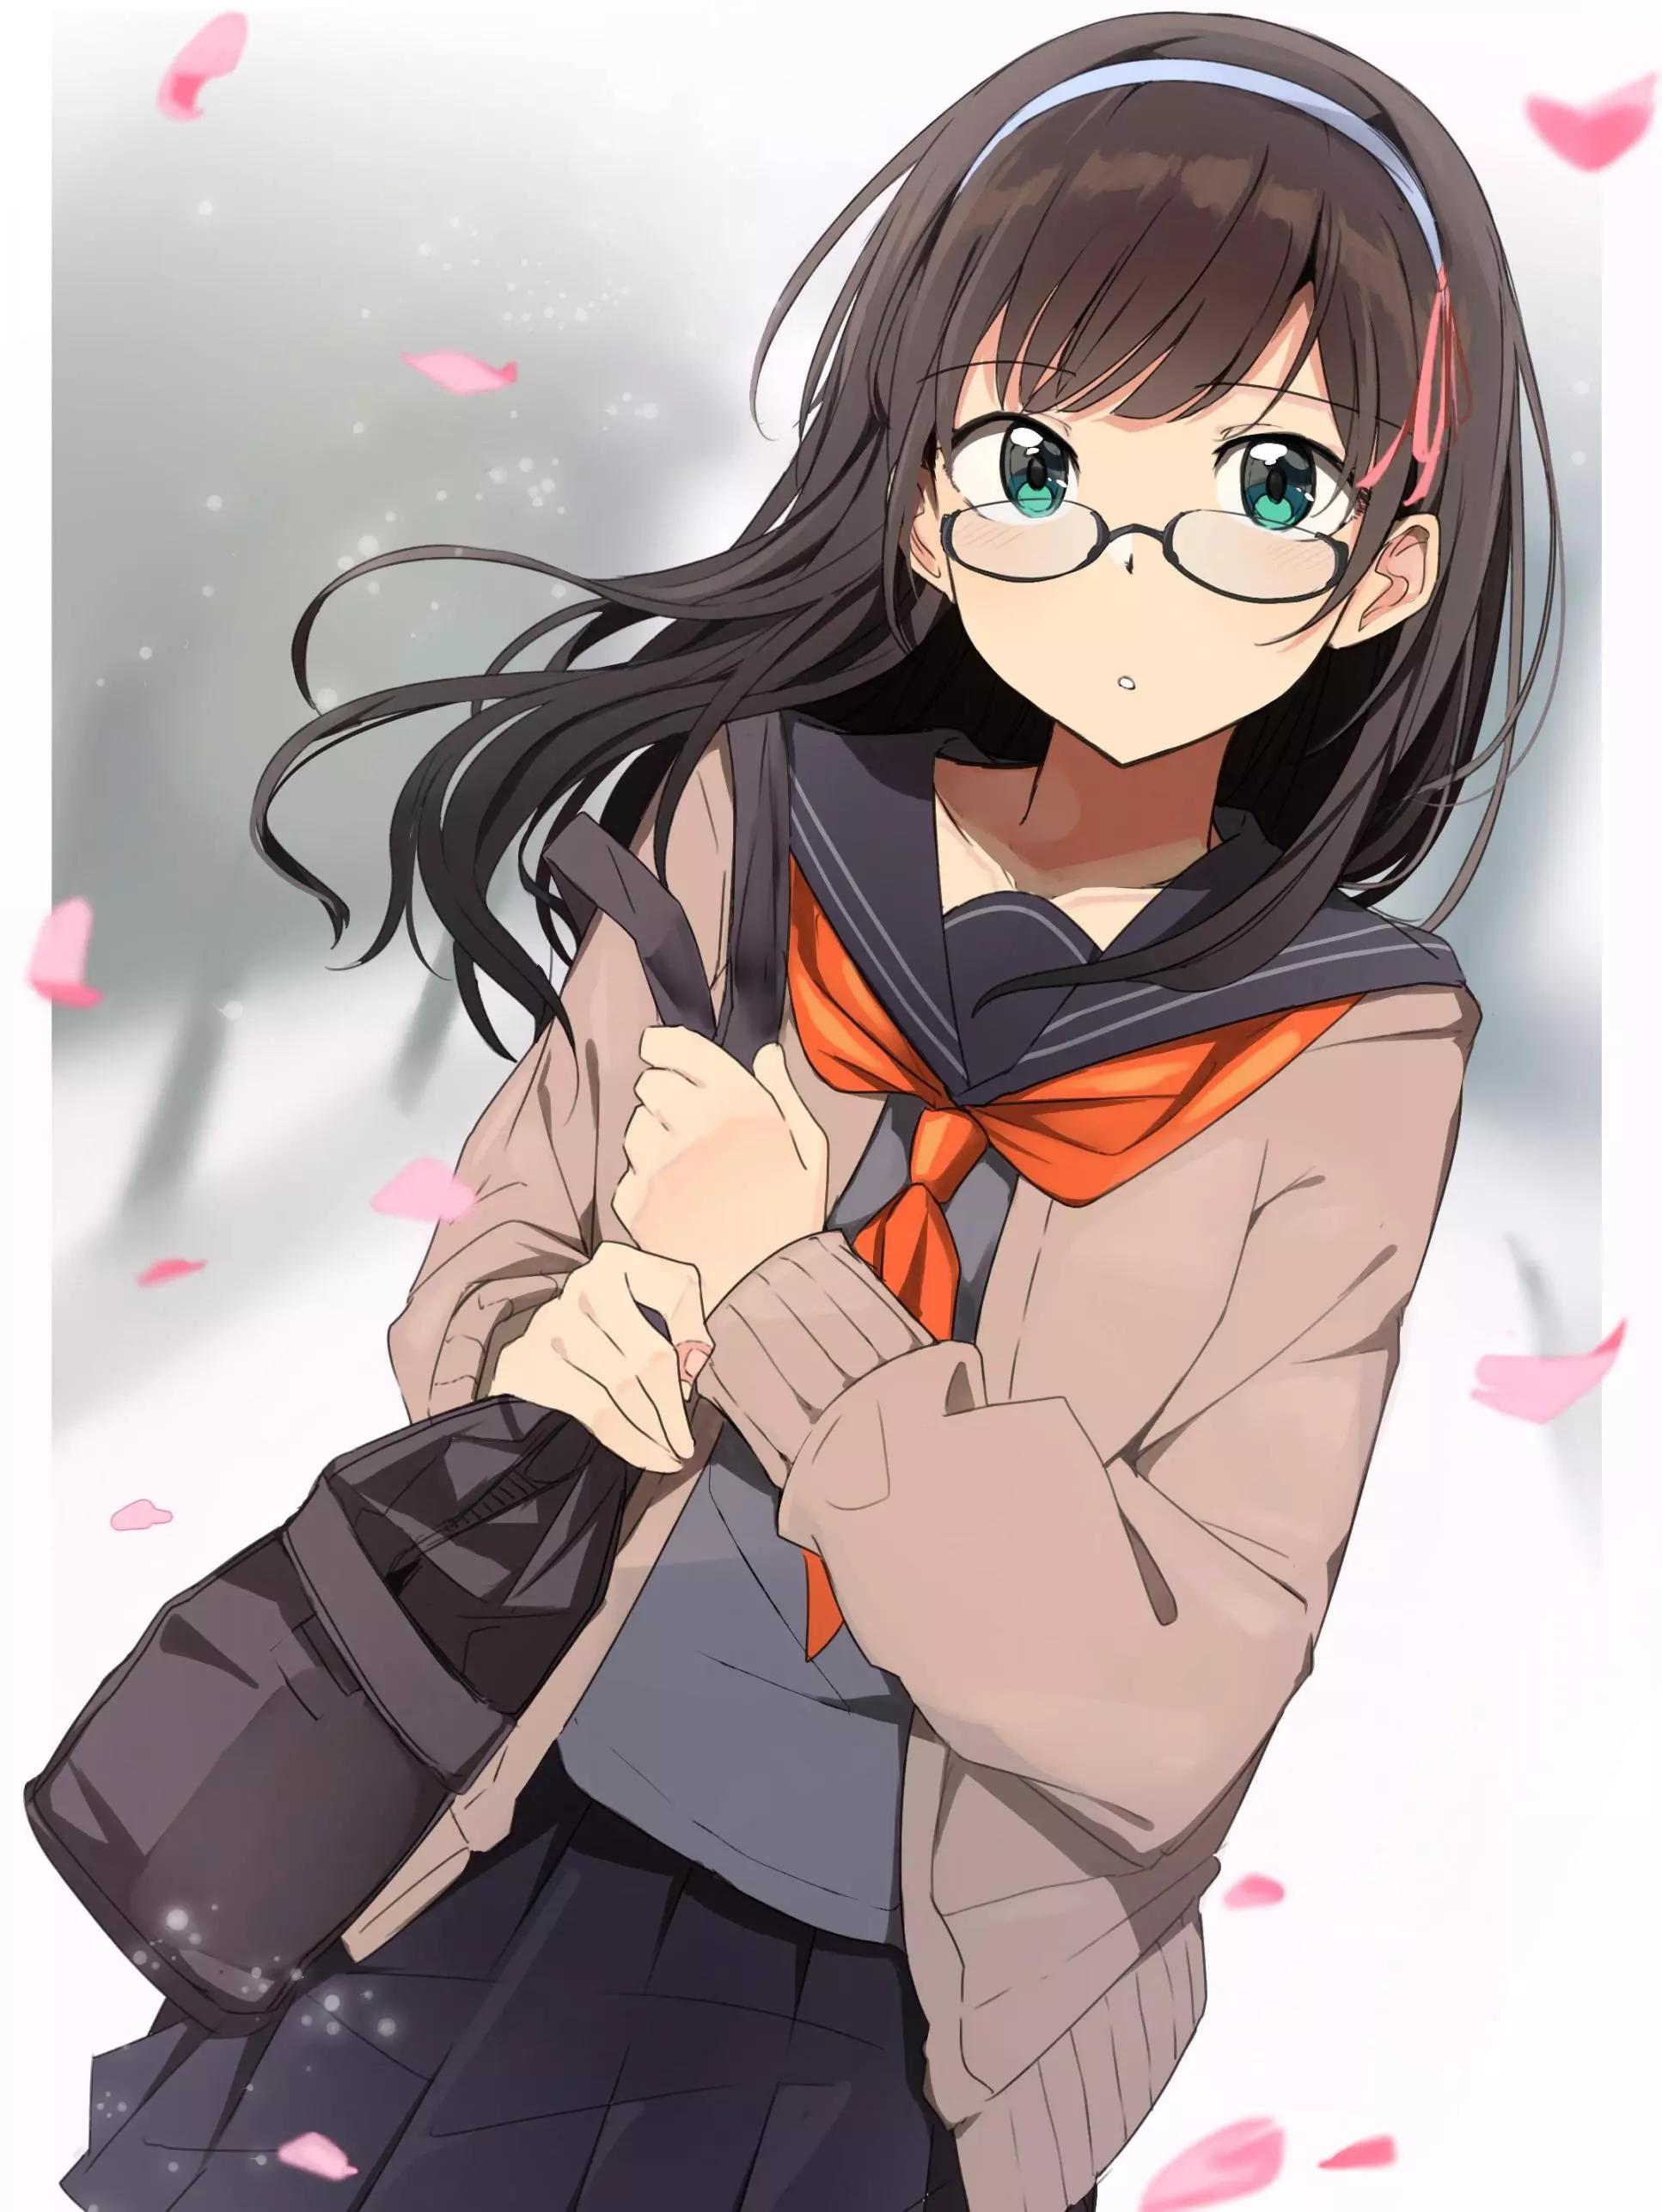 动漫唯美手机壁纸,二次元戴眼镜少女,眼镜娘唯美壁纸